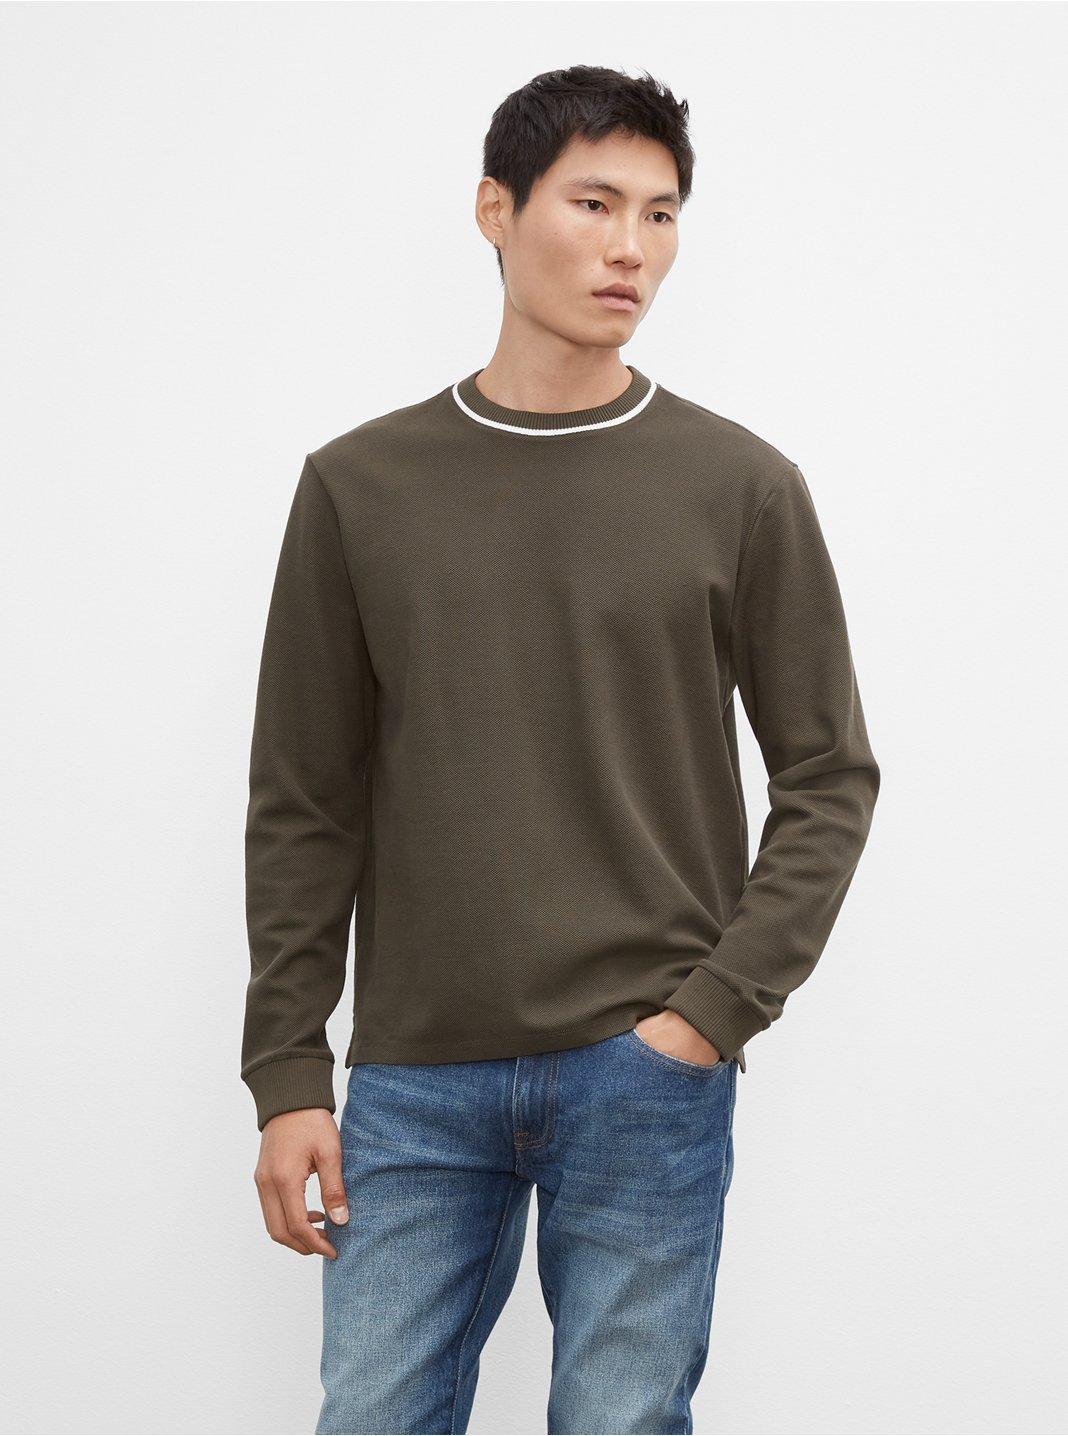 클럽 모나코 티셔츠 Club Monaco Pique Crewneck Sweatshirt,Black Olive